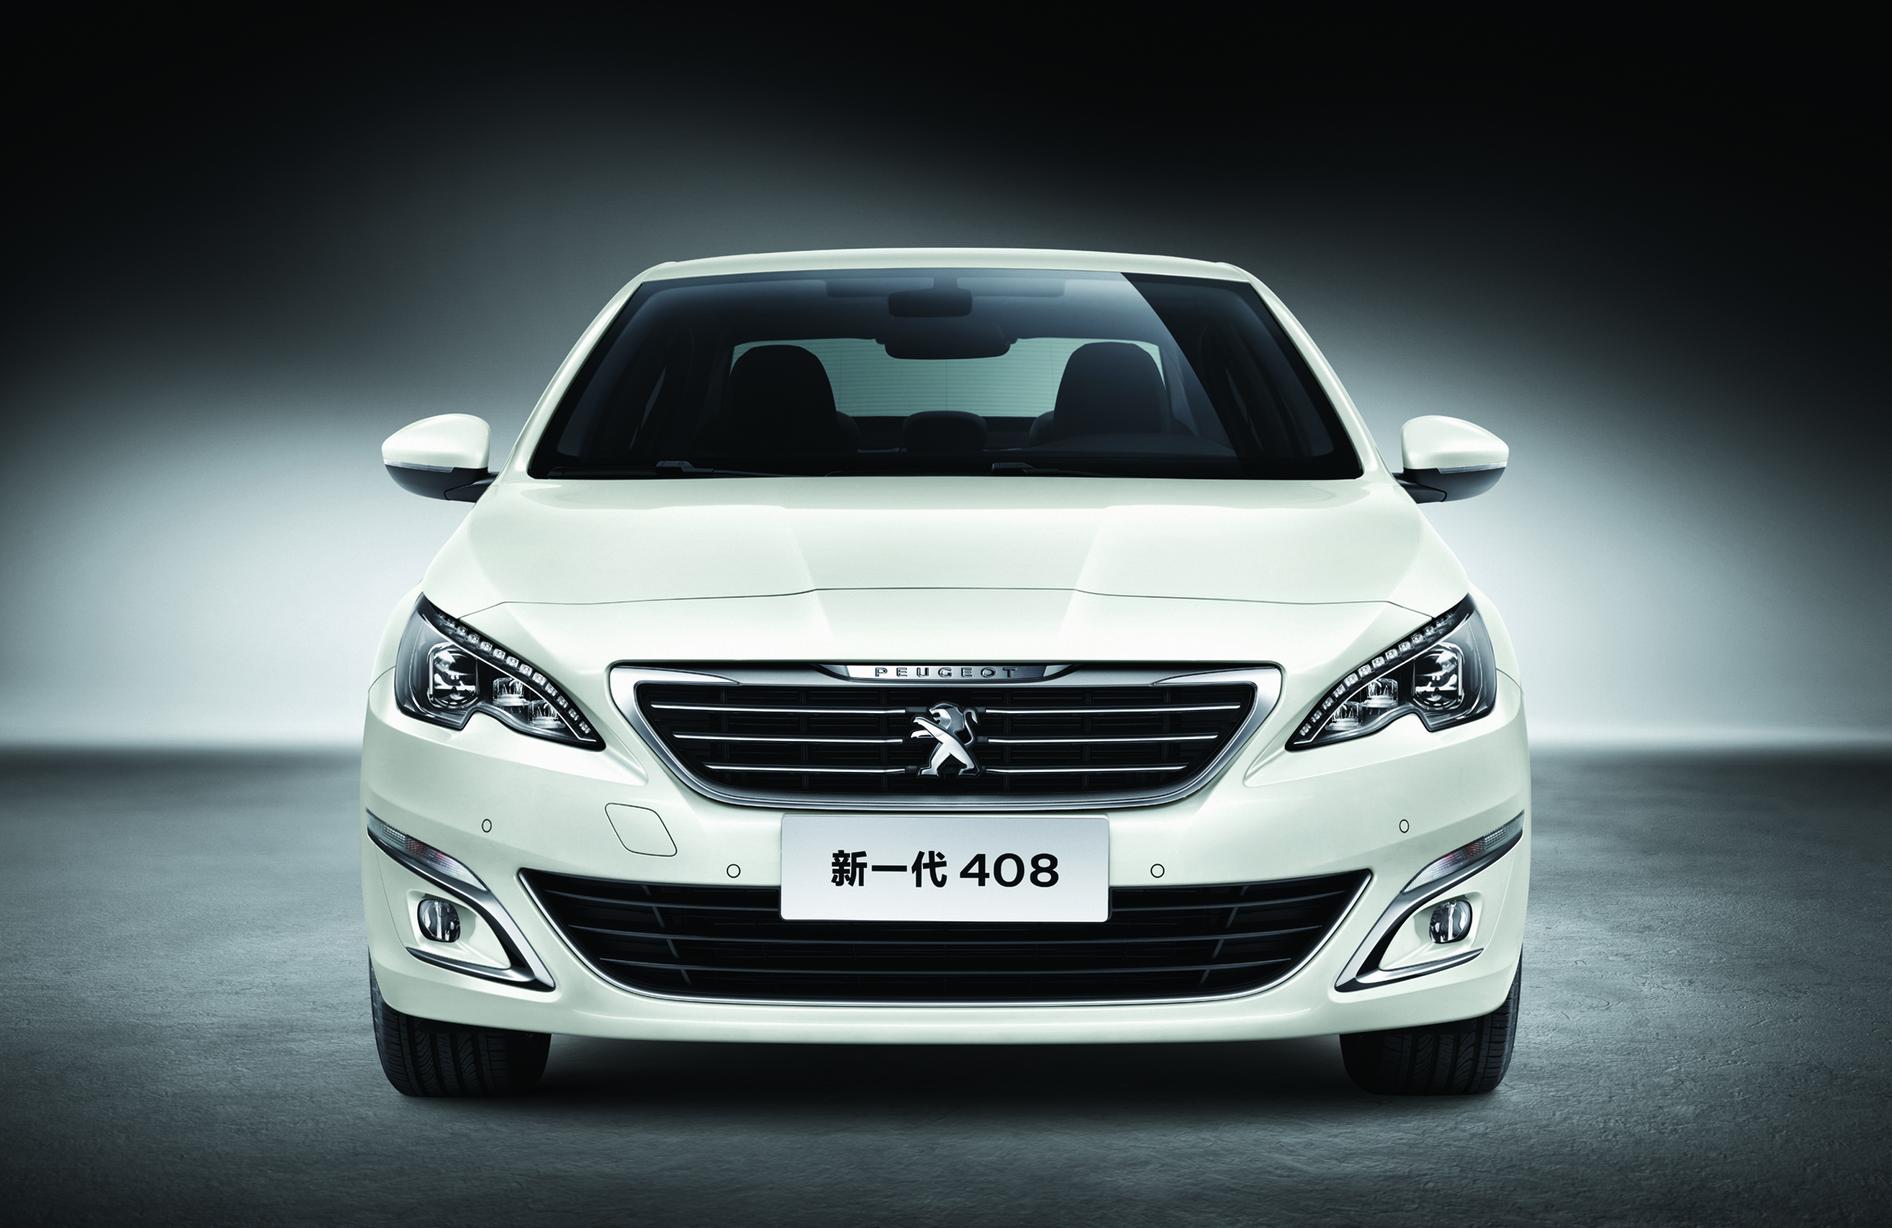 La nouvelle Peugeot 408 vient d'être présentée au salon de Pékin